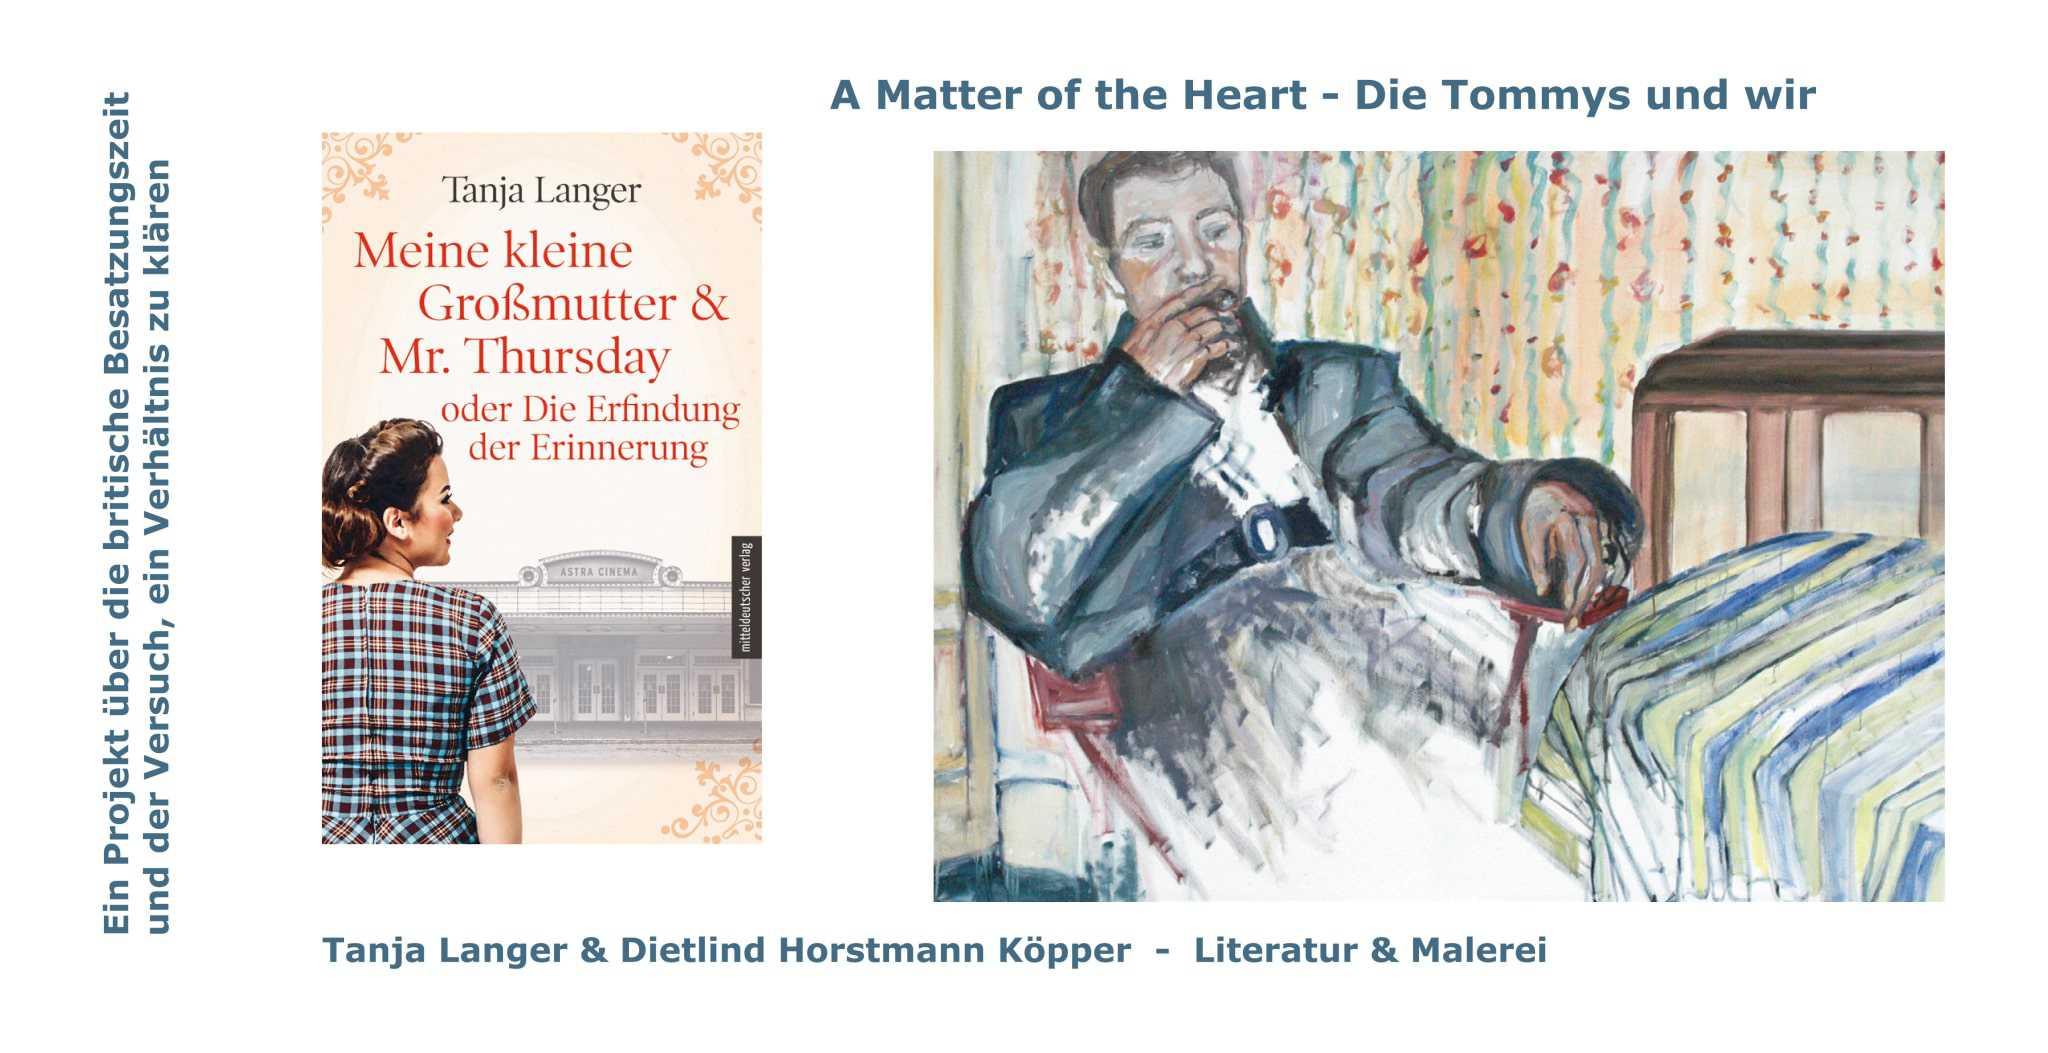 """Projekt """"A Matter of the Heart"""" - Die Tommys und wir"""